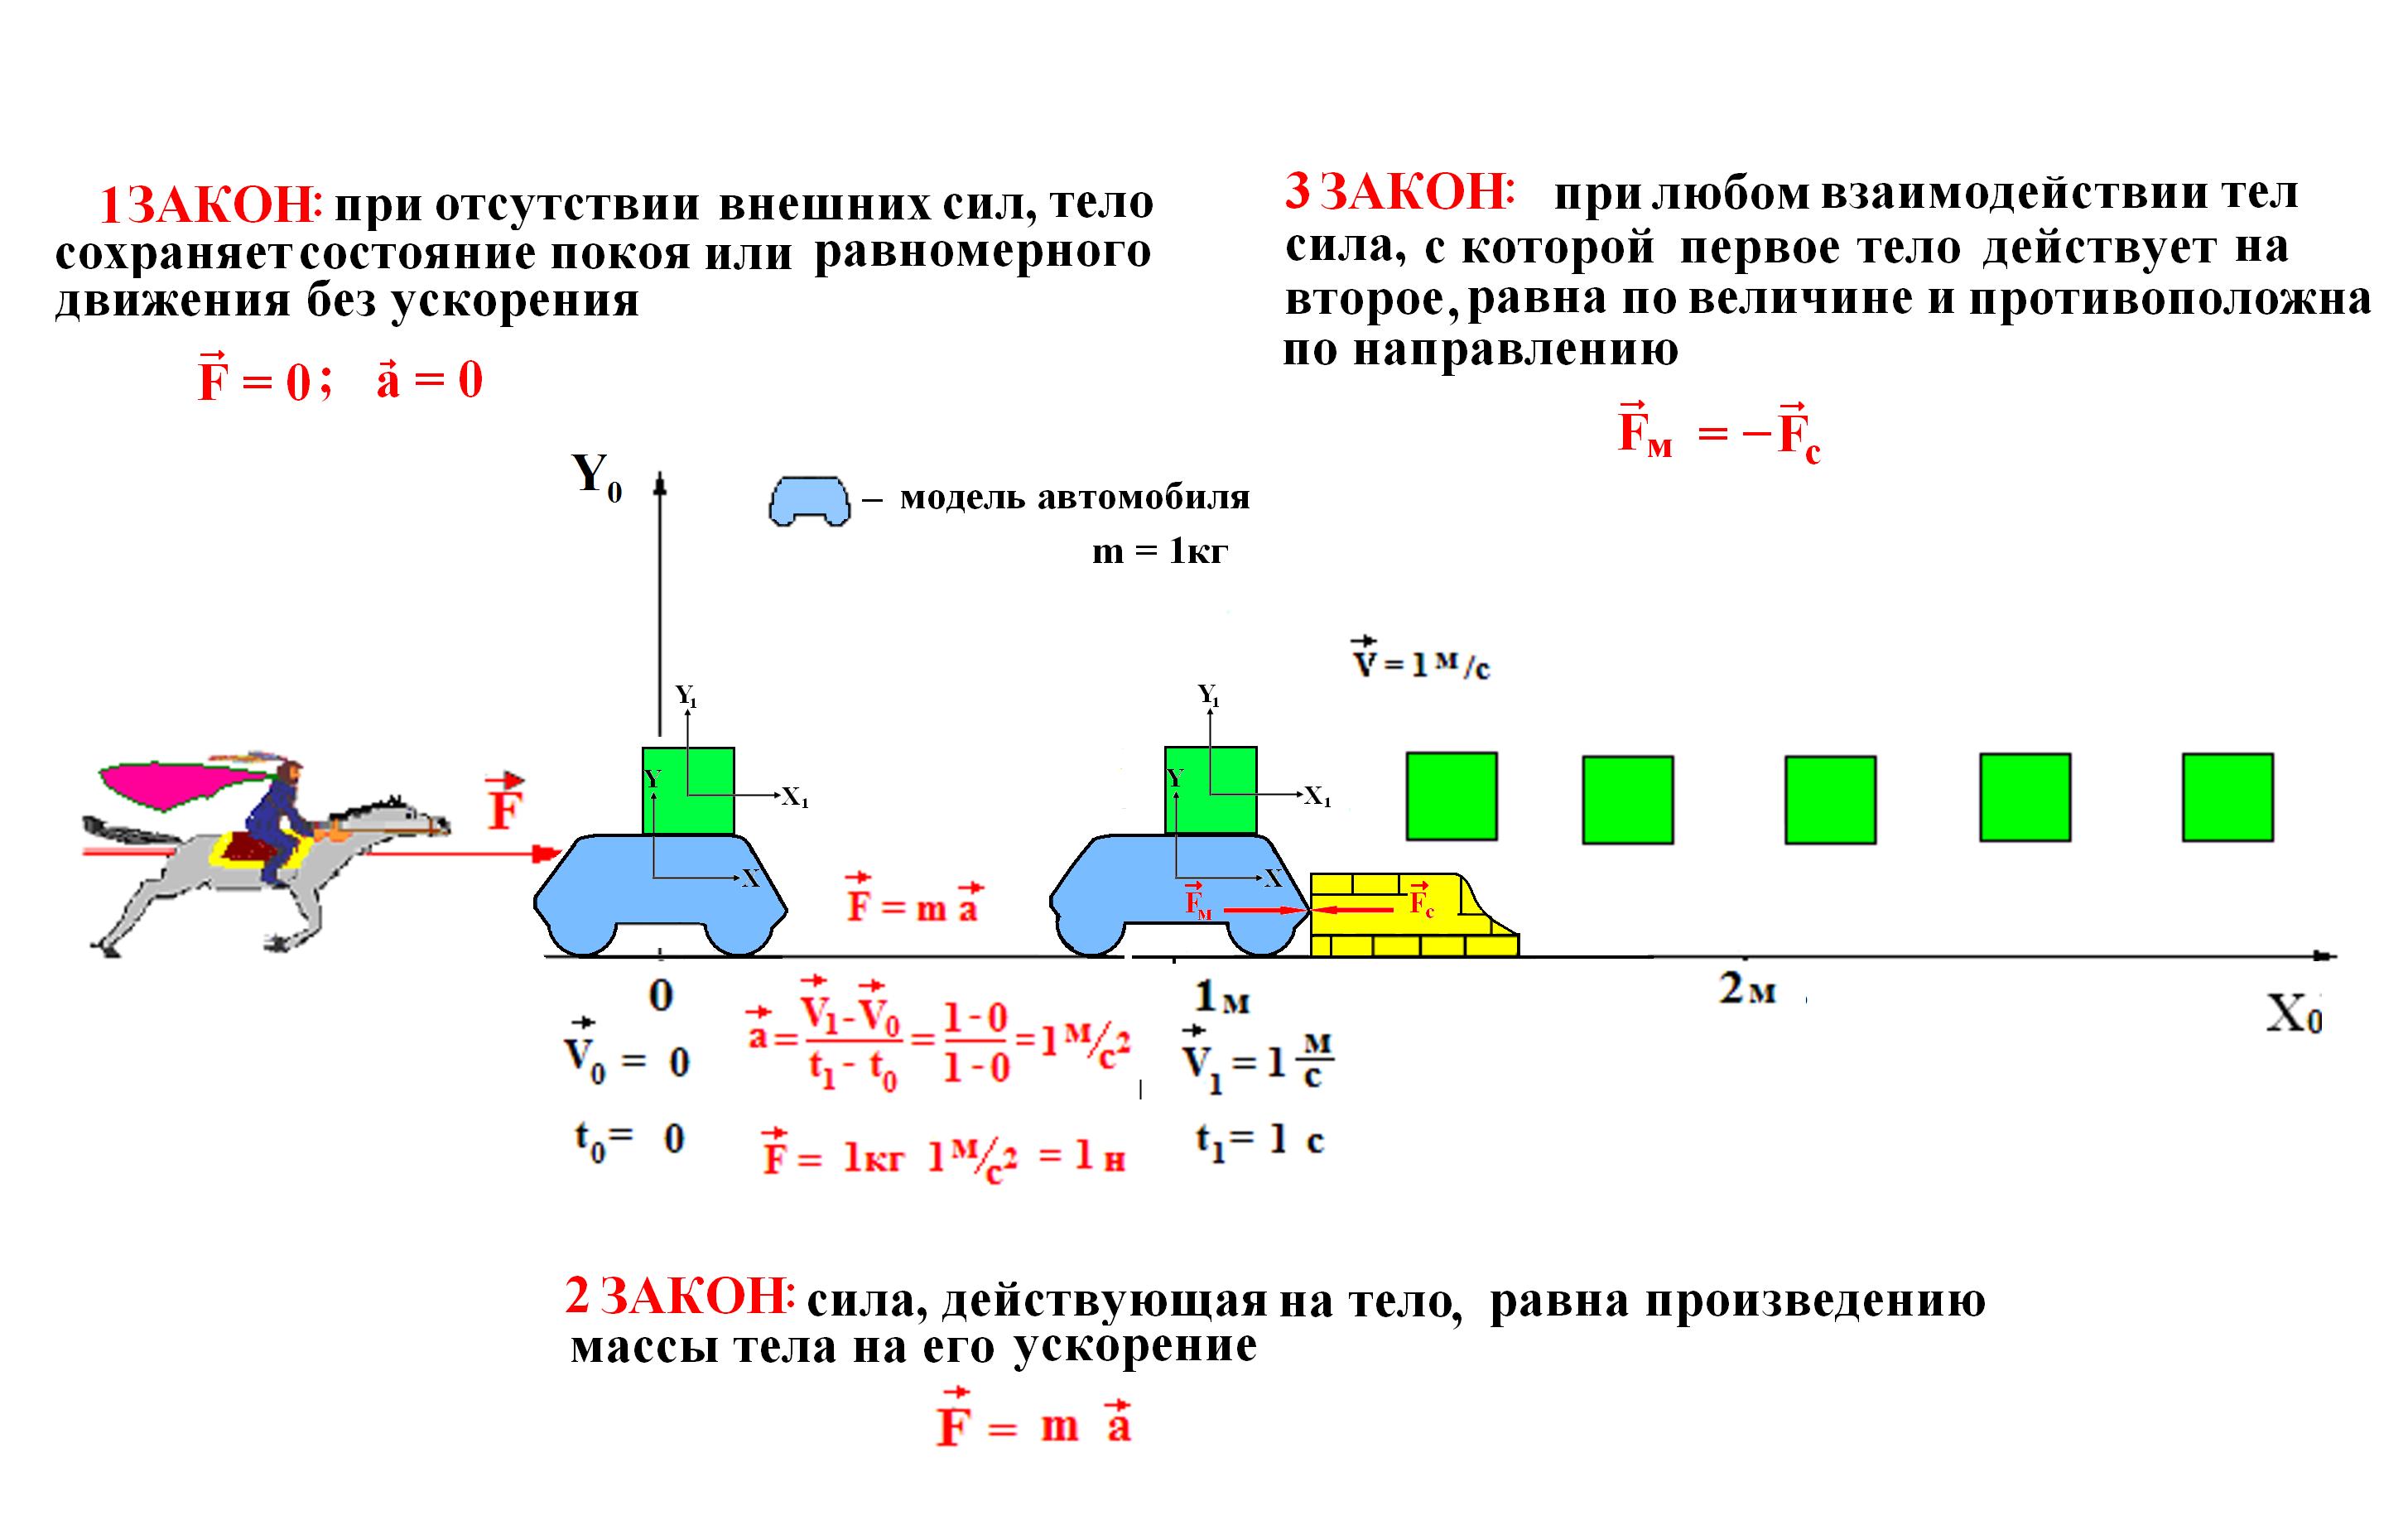 C:\Users\татьяна\Desktop\для Тарасова копилка\№1\слайд №1.bmp